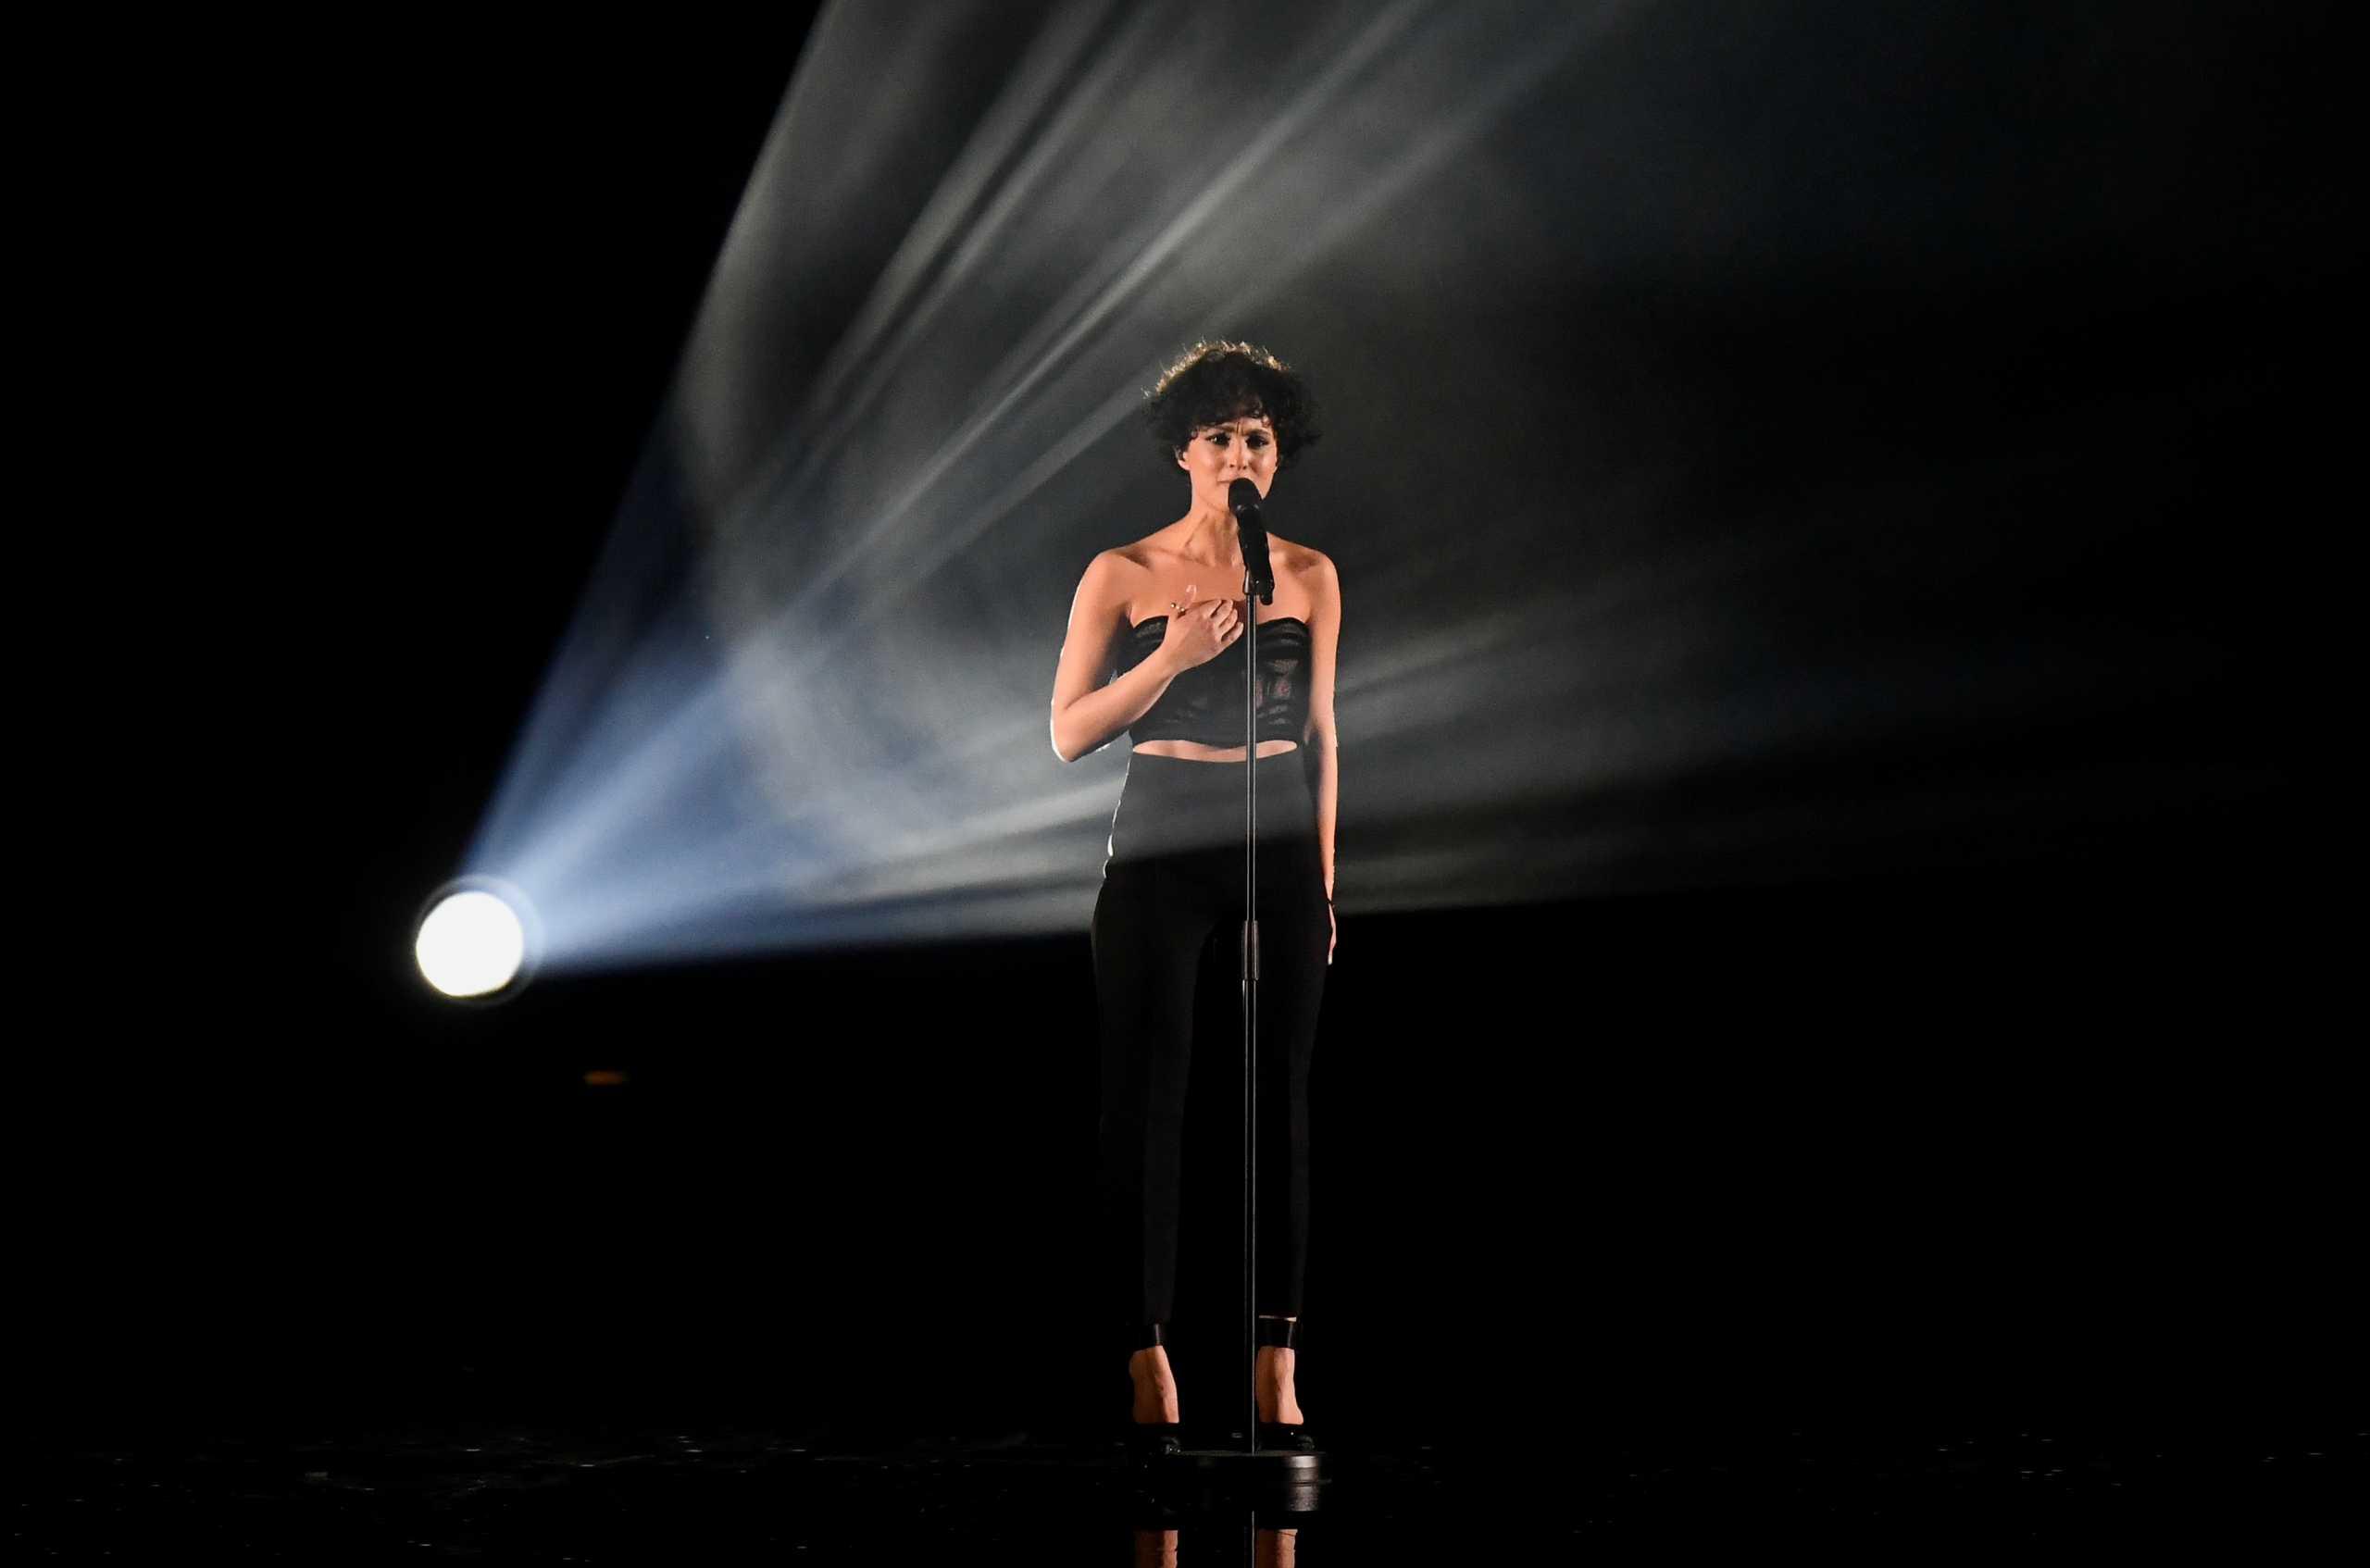 Eurovision 2021: Η Γαλλία δεν θα υποβάλει ένσταση, ζητά όμως διαφάνεια για τον Ιταλό τραγουδιστή